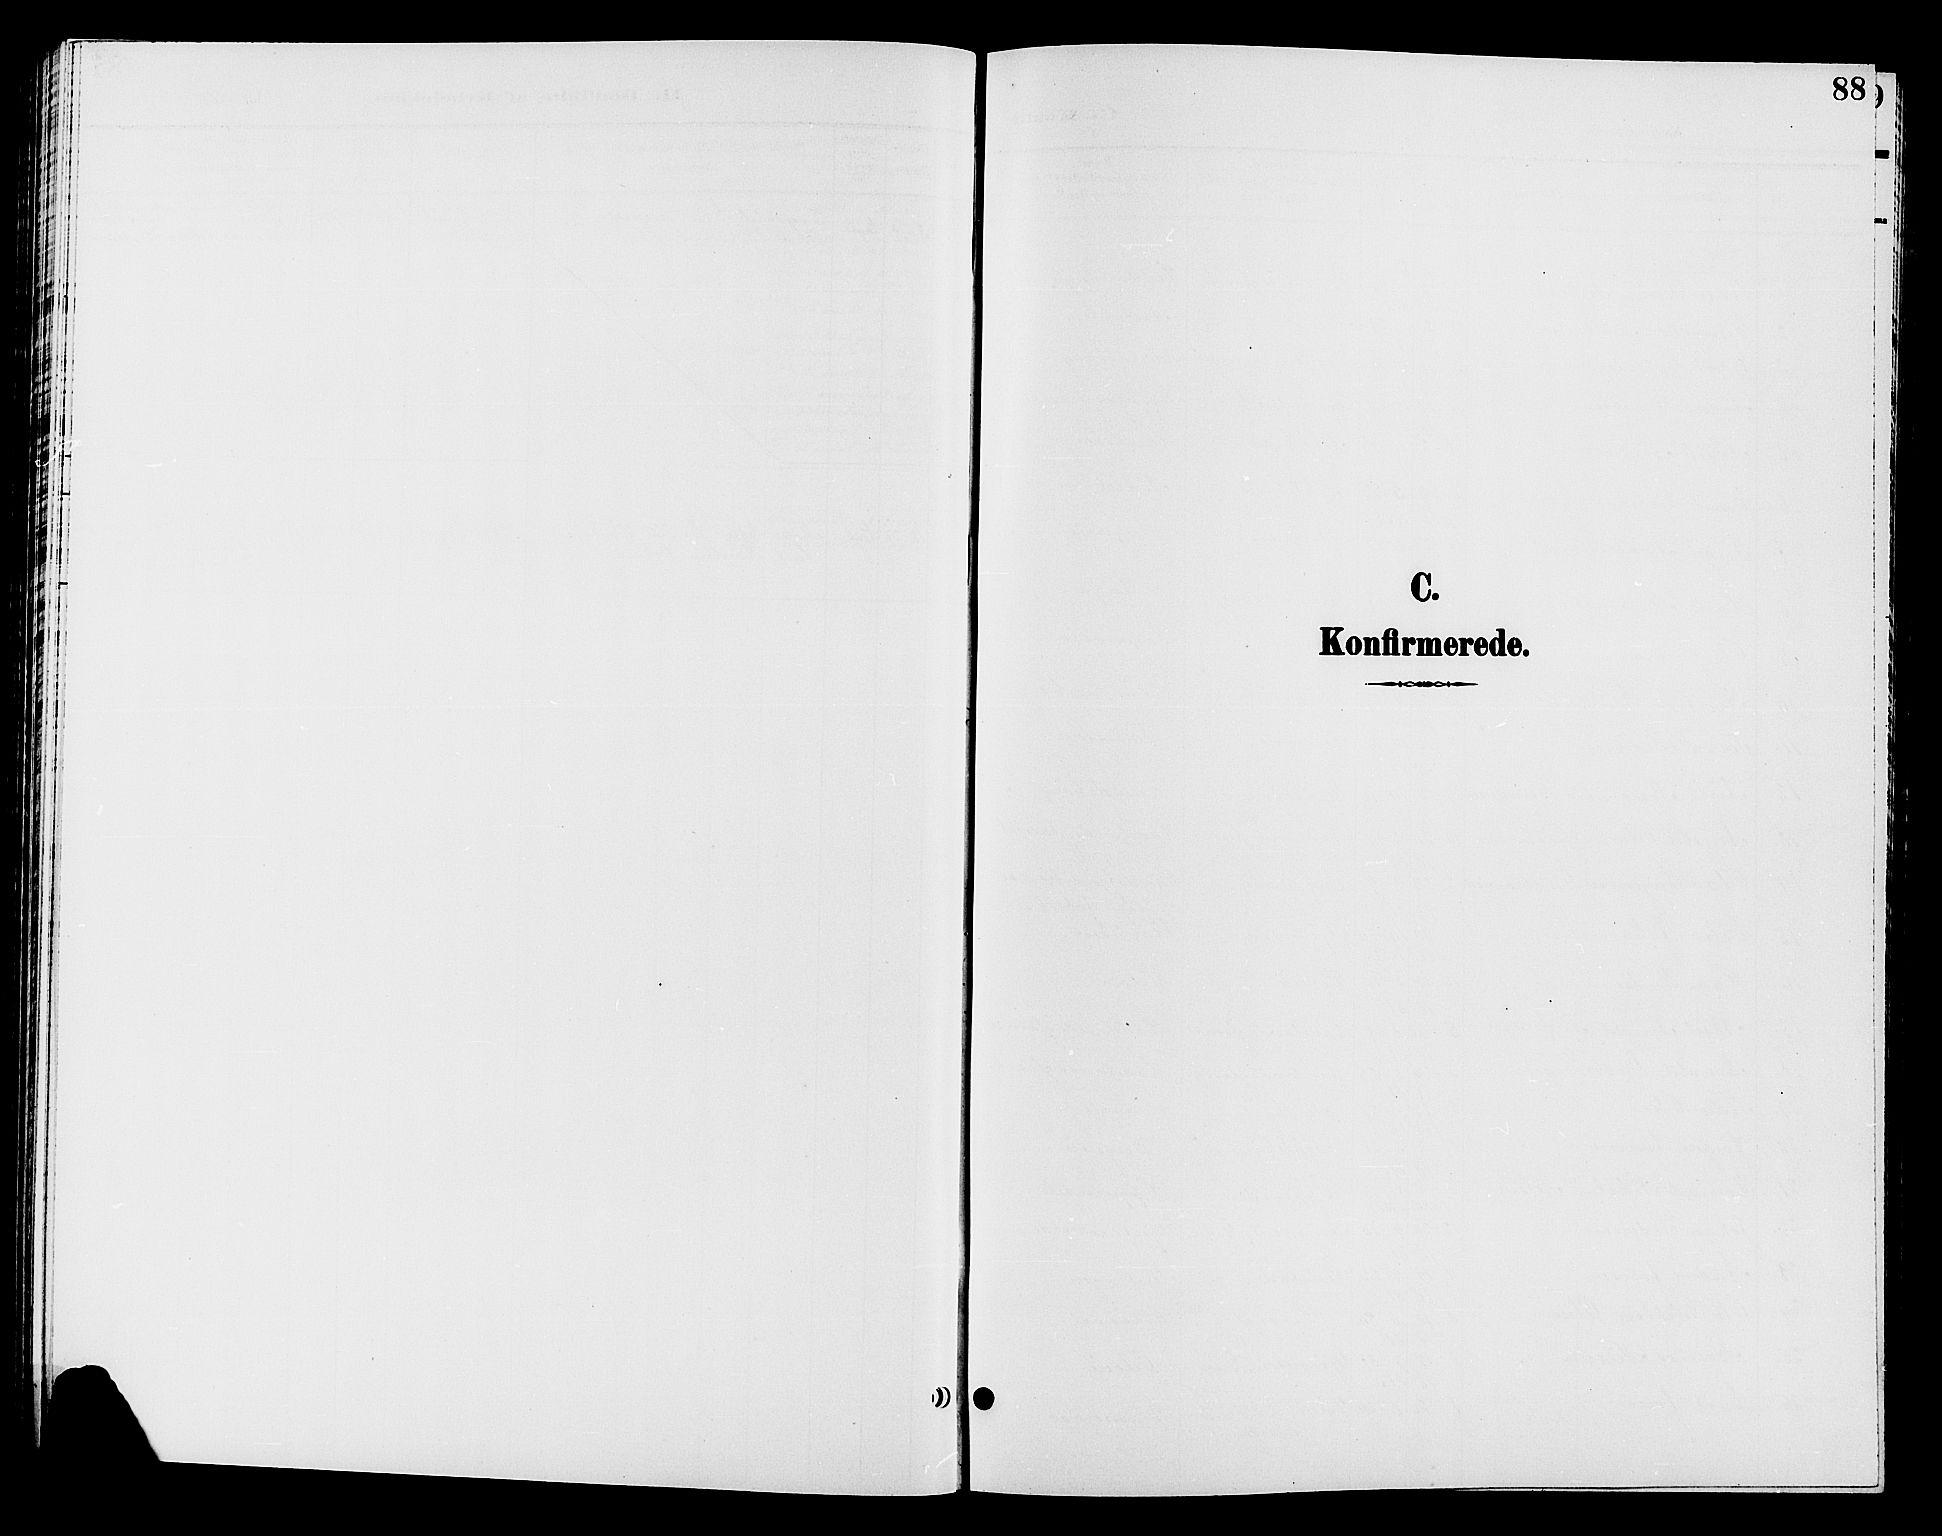 SAH, Jevnaker prestekontor, Klokkerbok nr. 2, 1896-1906, s. 88